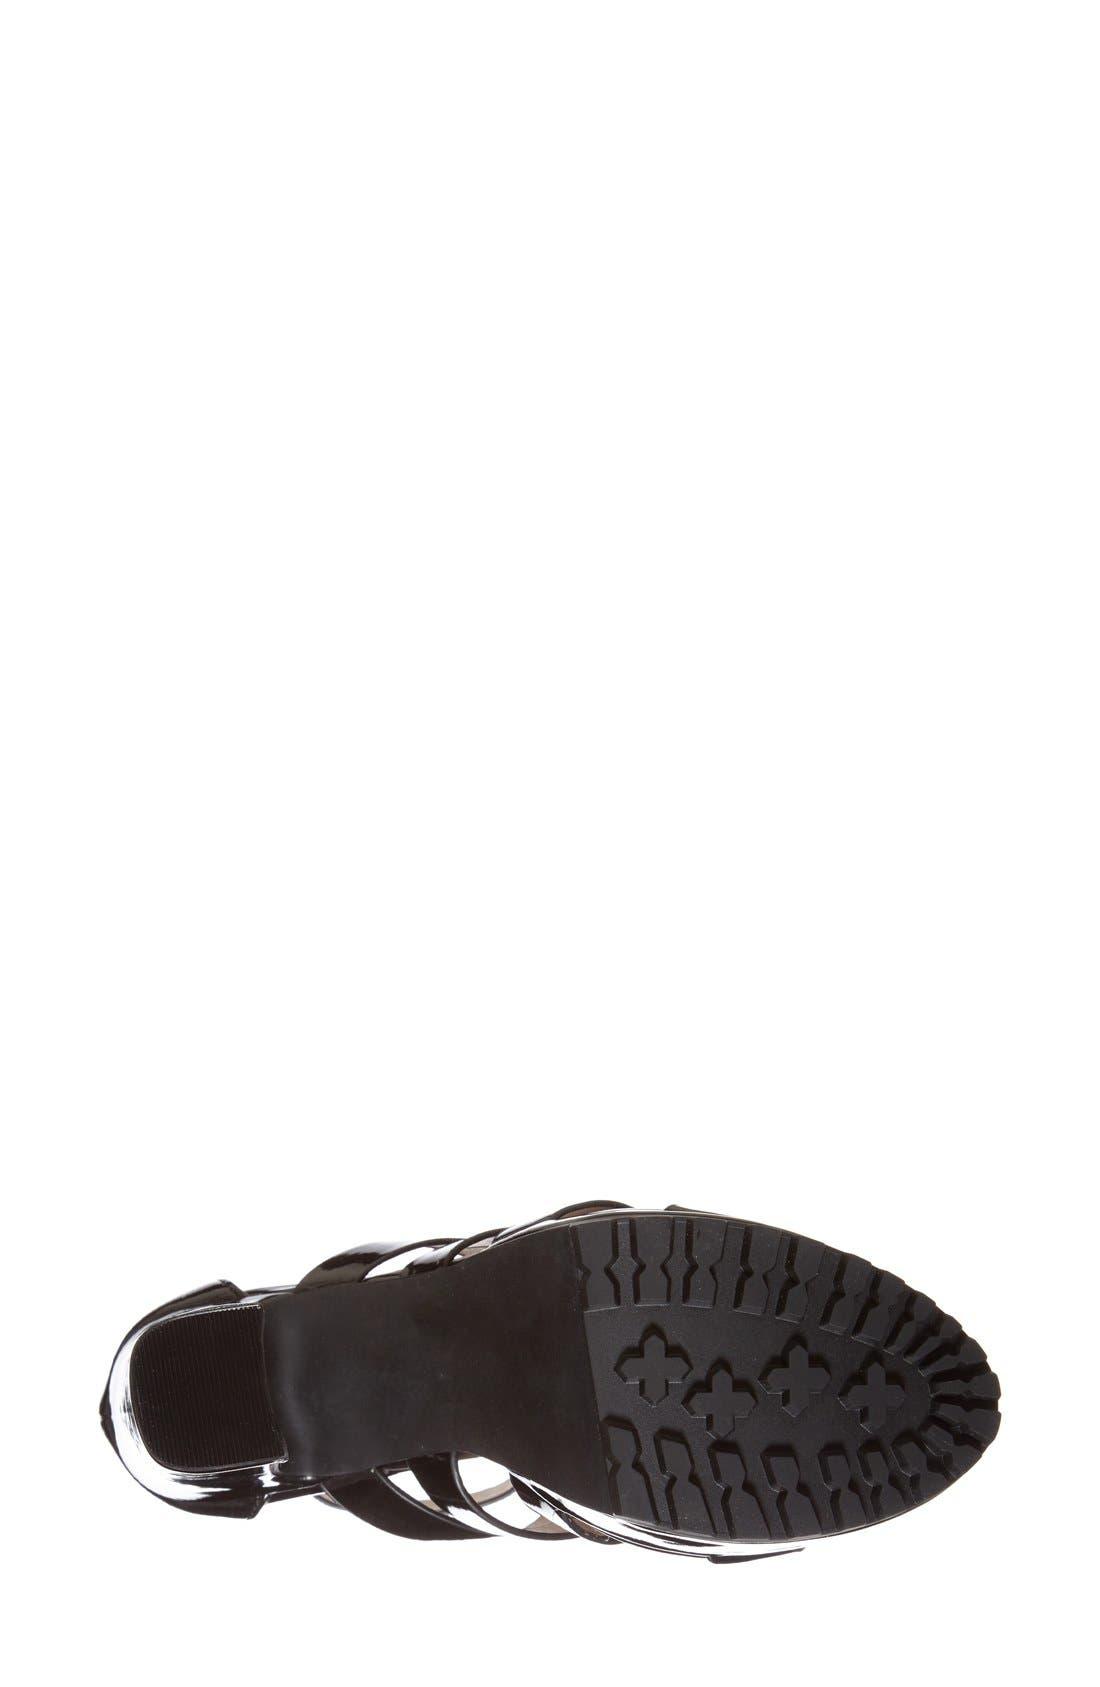 Alternate Image 4  - Steve Madden 'Groove' Platform Sandal (Women)